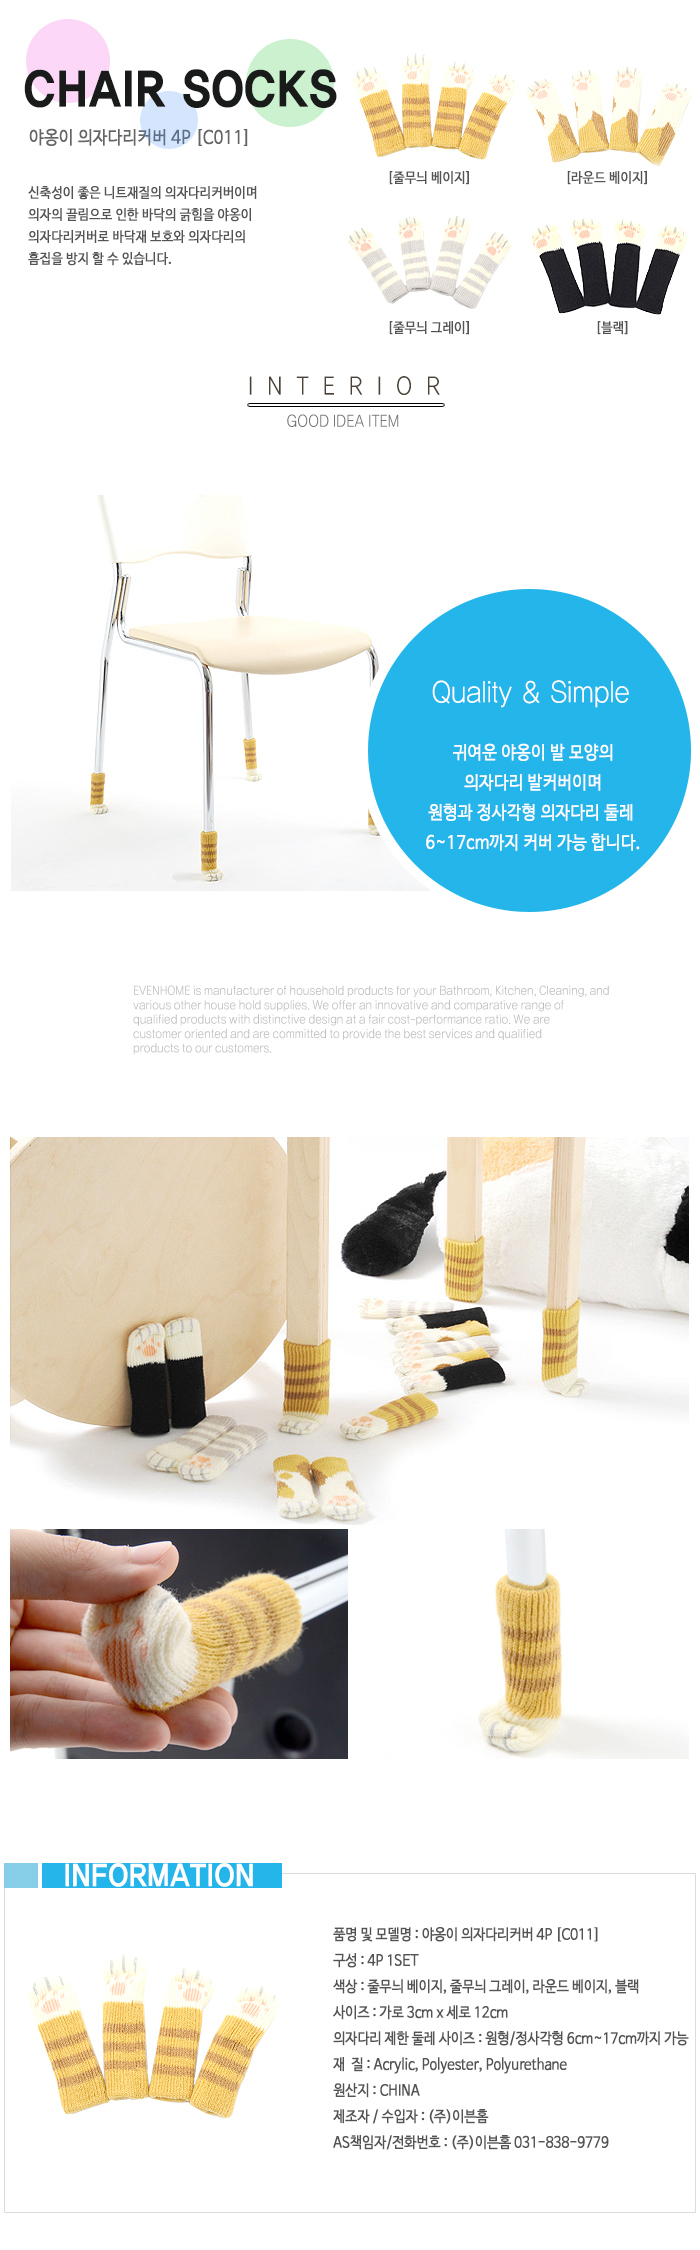 야옹이 의자다리커버 4P (C011) - 케이엠, 4,900원, 커버링, 의자발커버